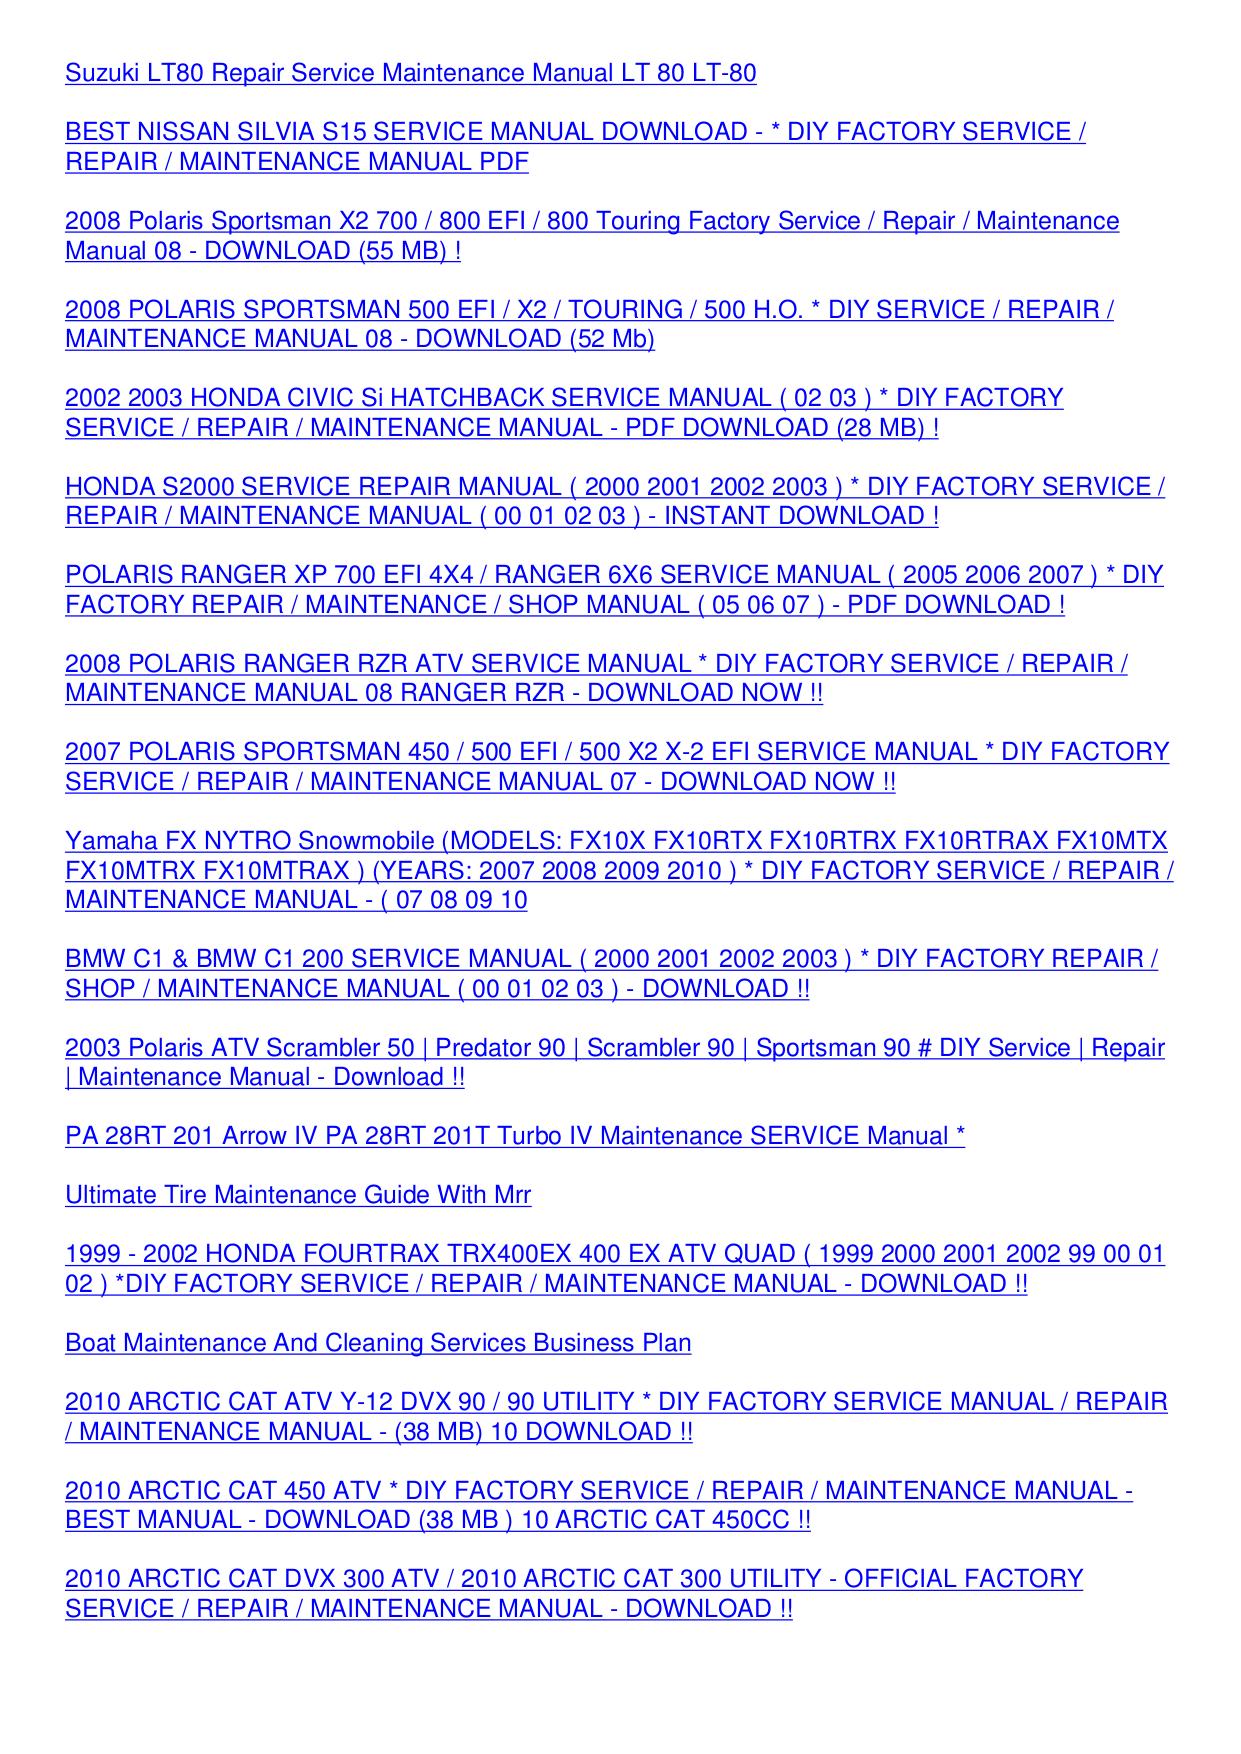 honda civic 1999 service manual download